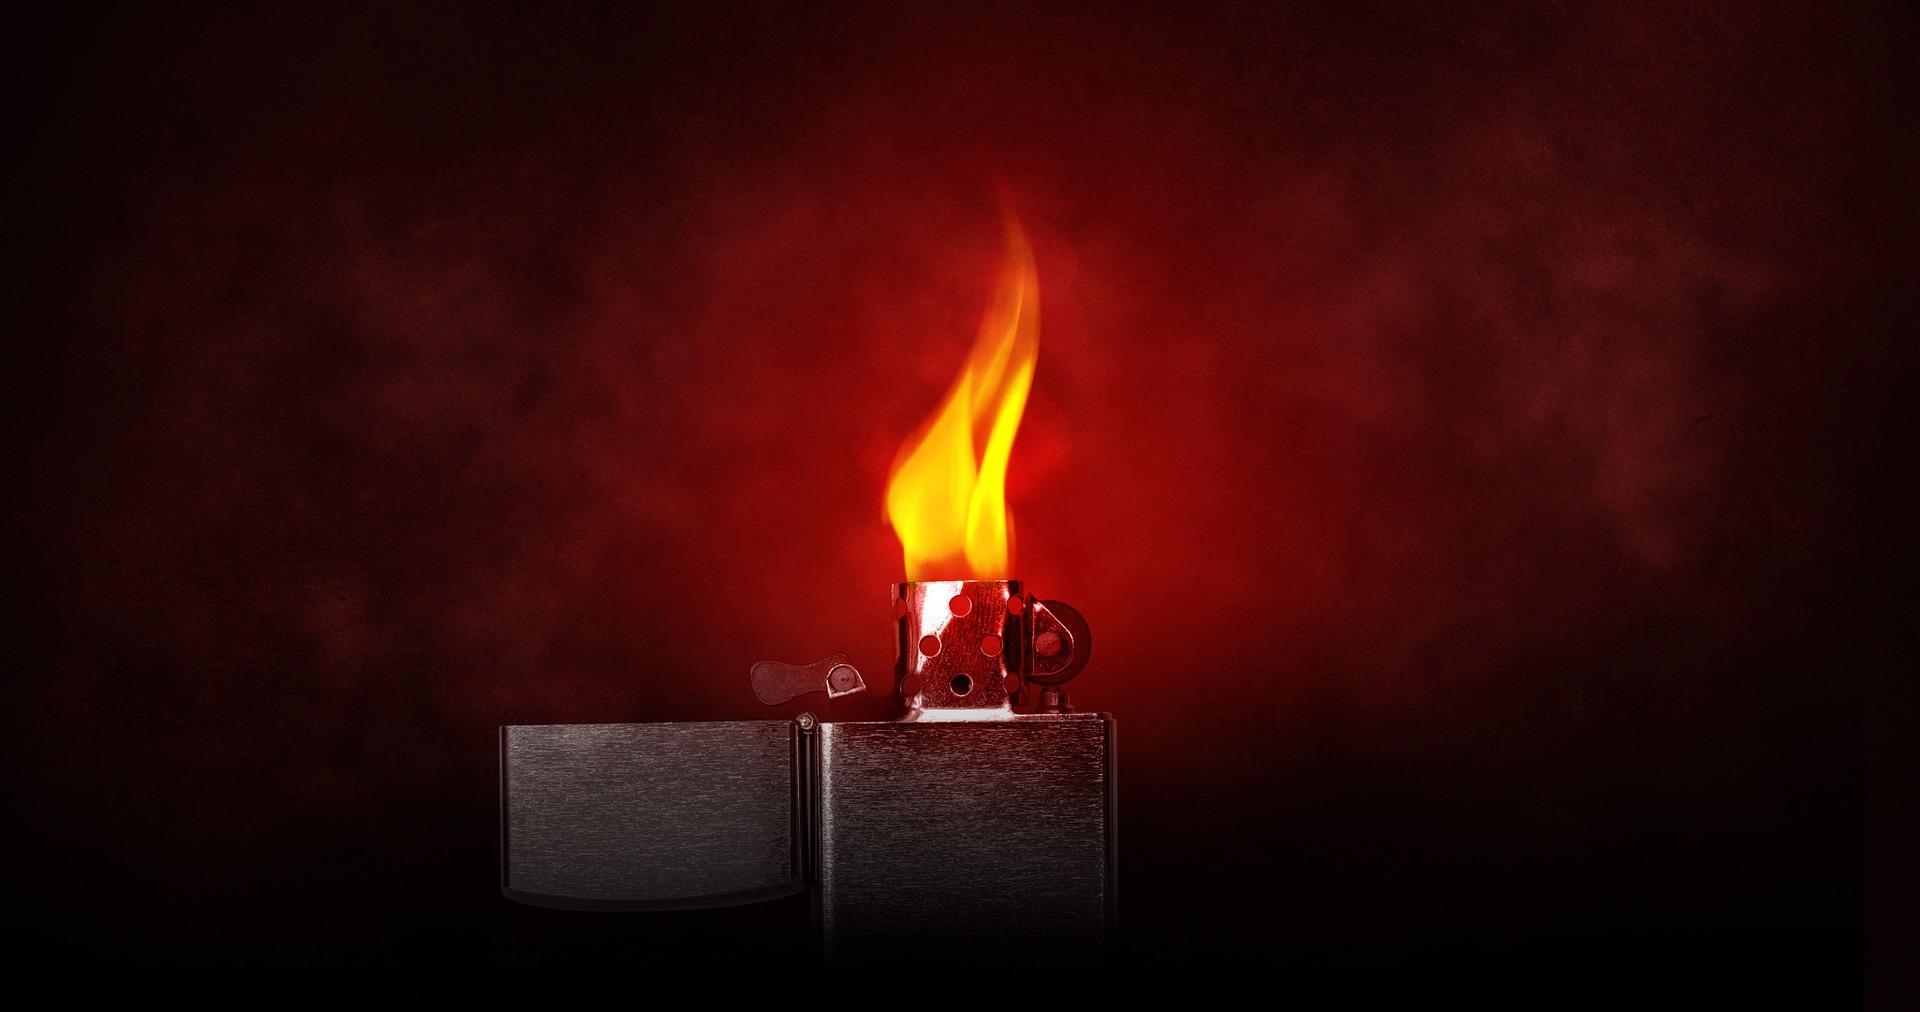 हल्का, सिगरेट लाइटर, लौ, आग, गर्मी, Zippo - HD वॉलपेपर - प्रोफेसर-falken.com